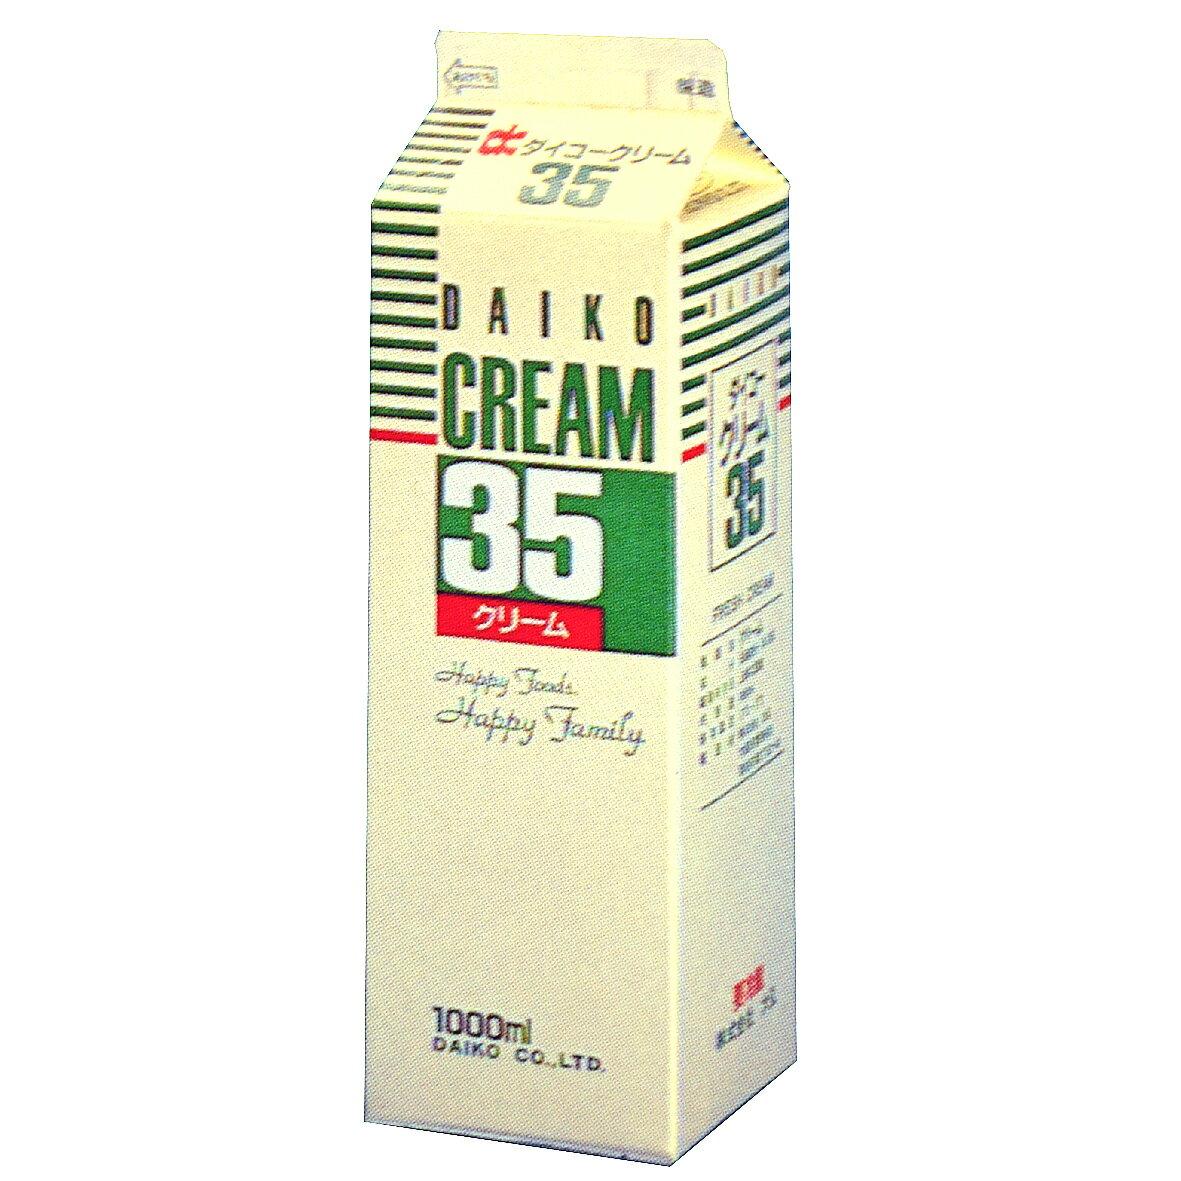 【注文後取り寄せ商品】【生クリーム】ダイコークリーム35(乳脂肪分35%) 1L